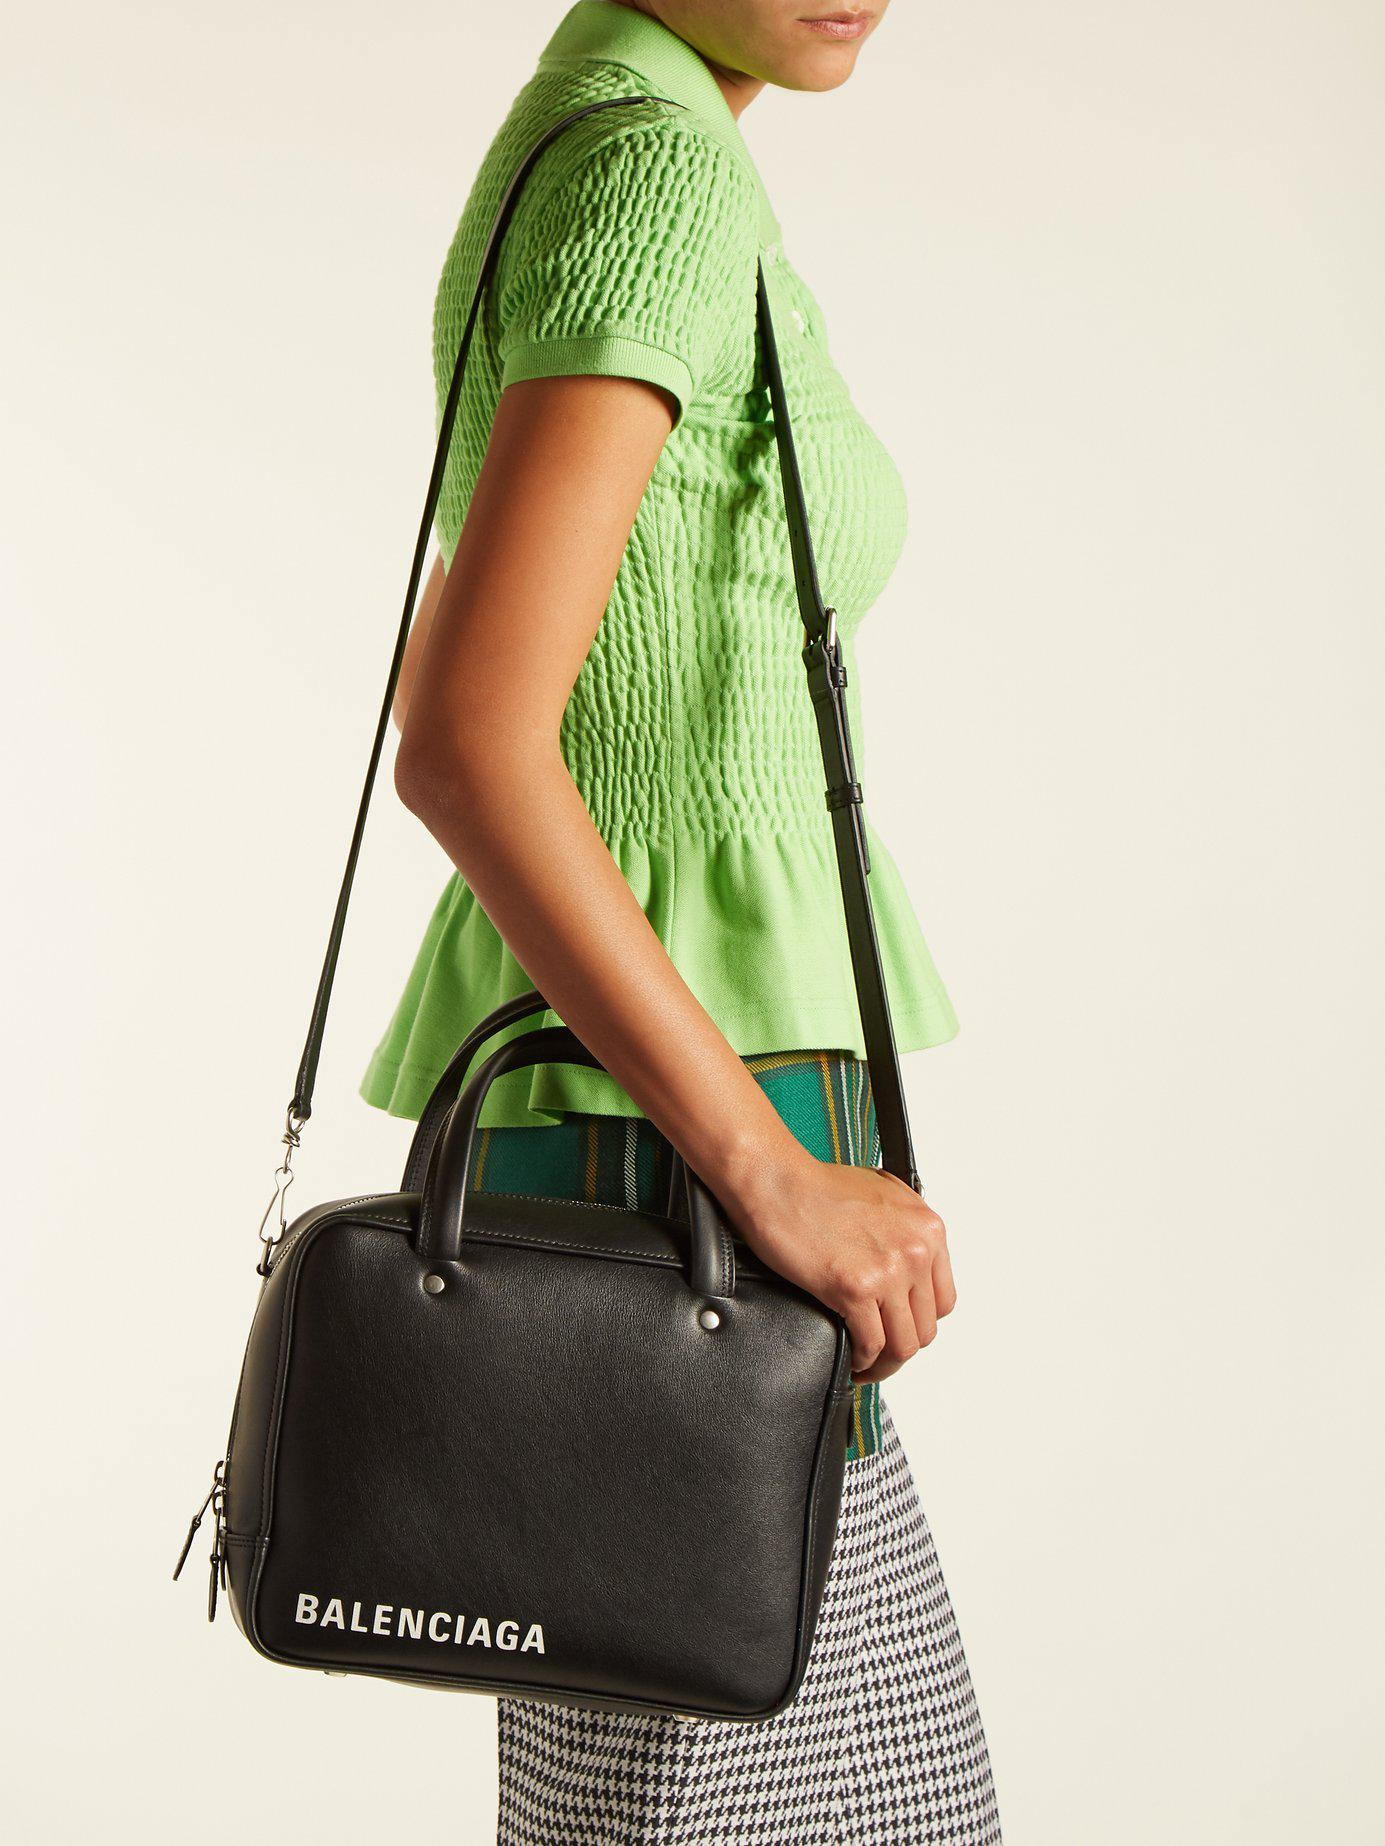 e0d76601957 Balenciaga Triangle Square S Bag in Black - Lyst